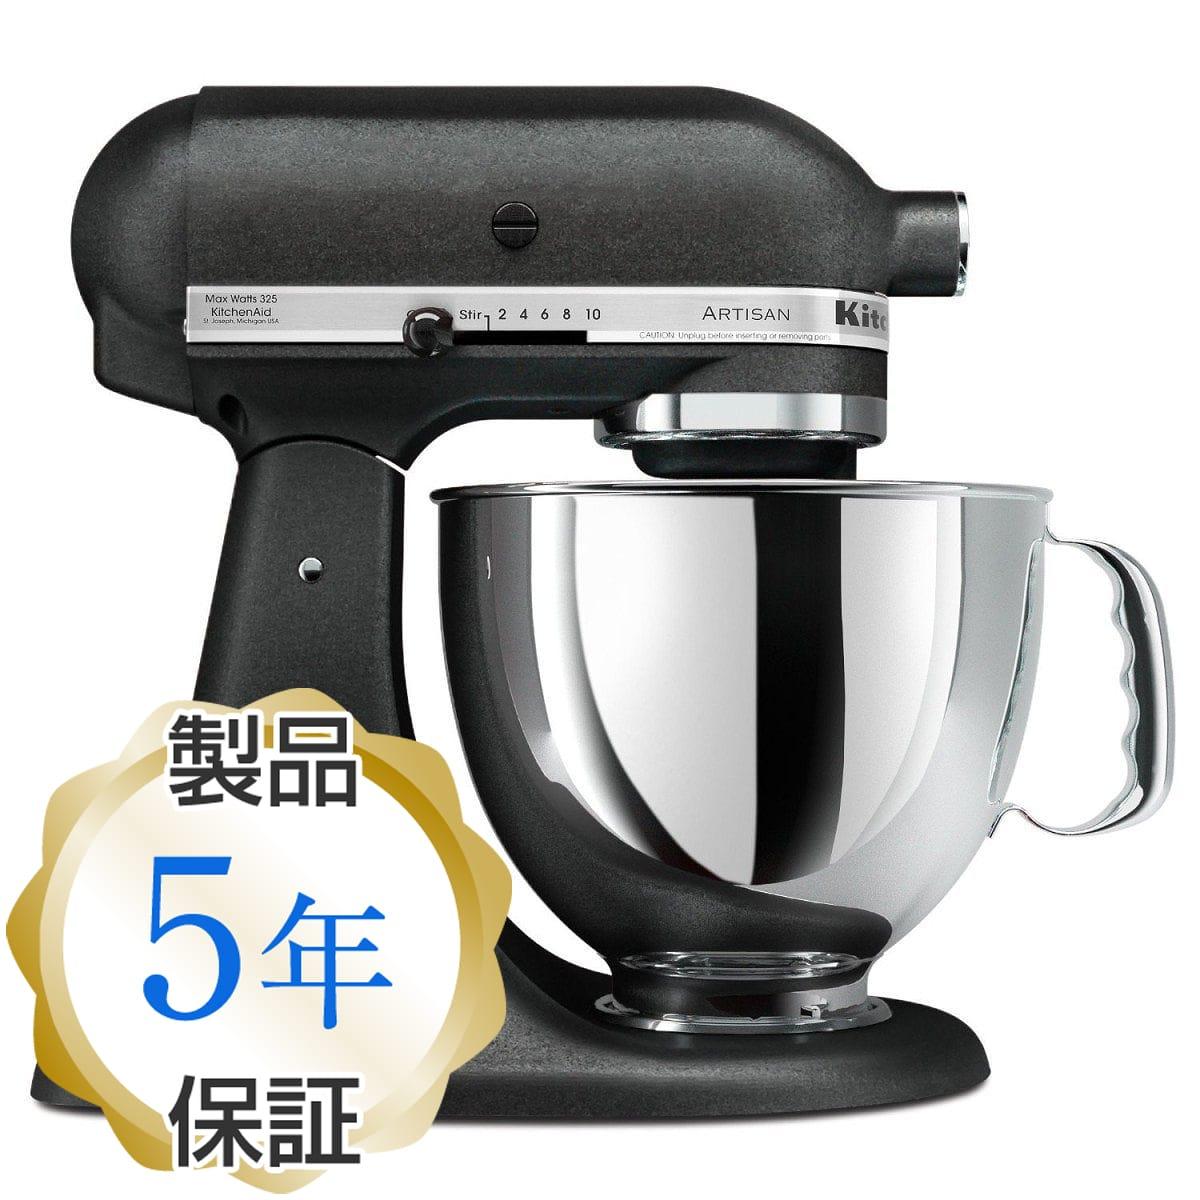 キッチンエイド スタンドミキサー アルチザン 4.8L インペリアルブラック KitchenAid Artisan 5-Quart Stand Mixers KSM150PSBK Imperial Black 【日本語説明書付】 家電